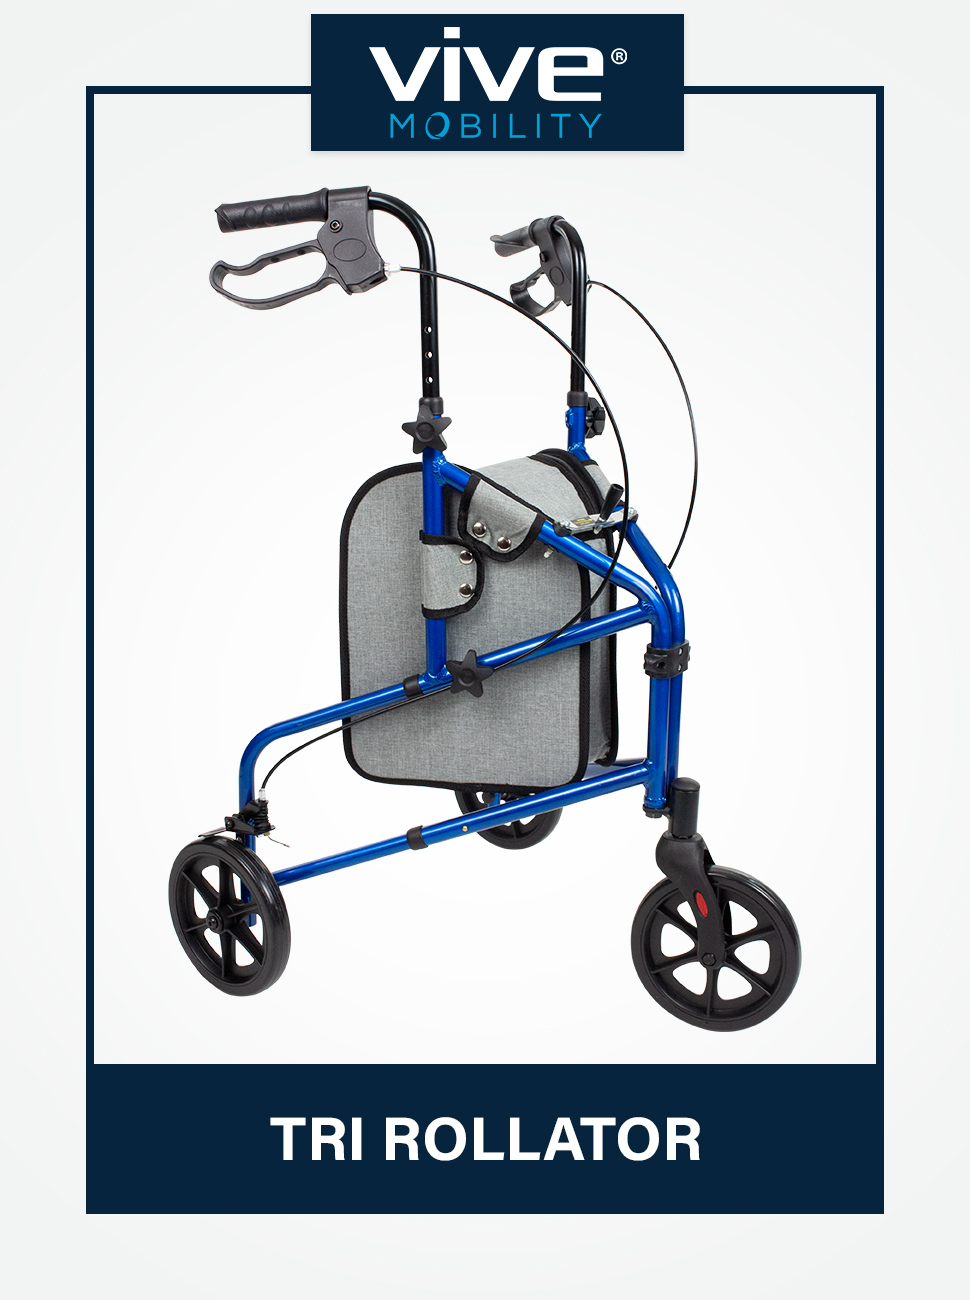 Vive Mobility 3 Wheel Rollator Walker - Lightweight and Foldable for Seniors, Elderly, Men and Women